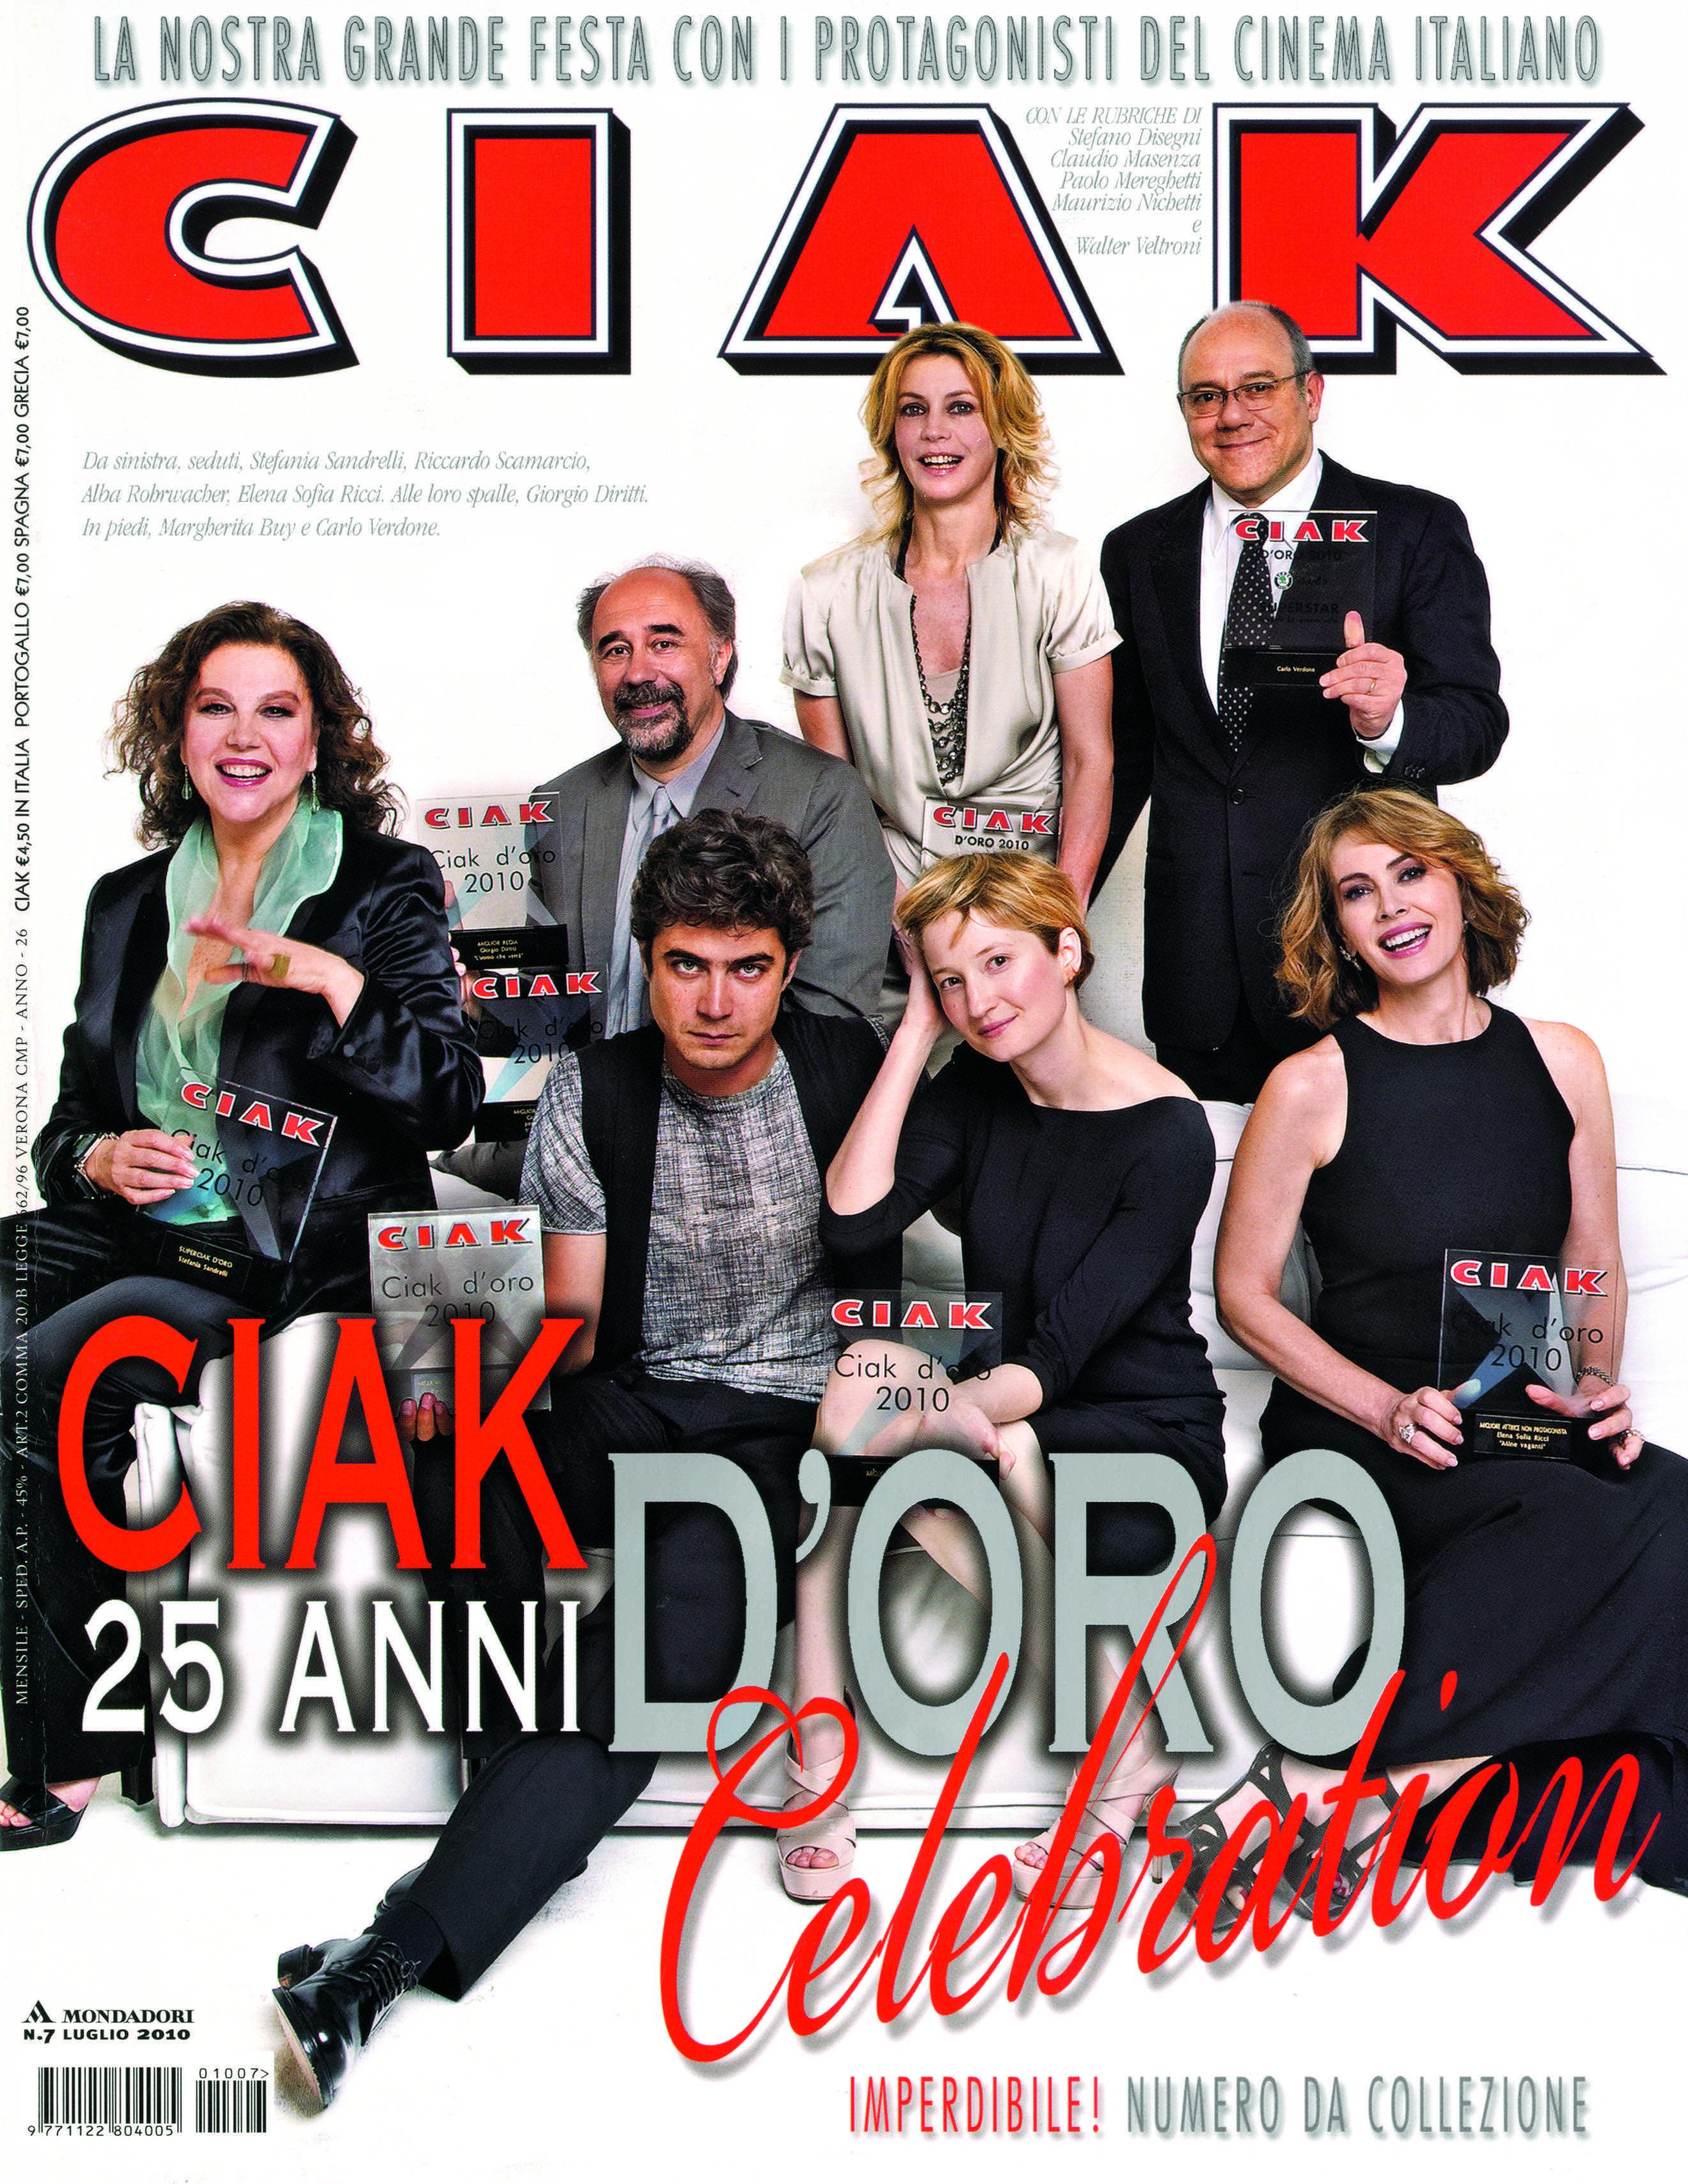 Ciak_Cover 2